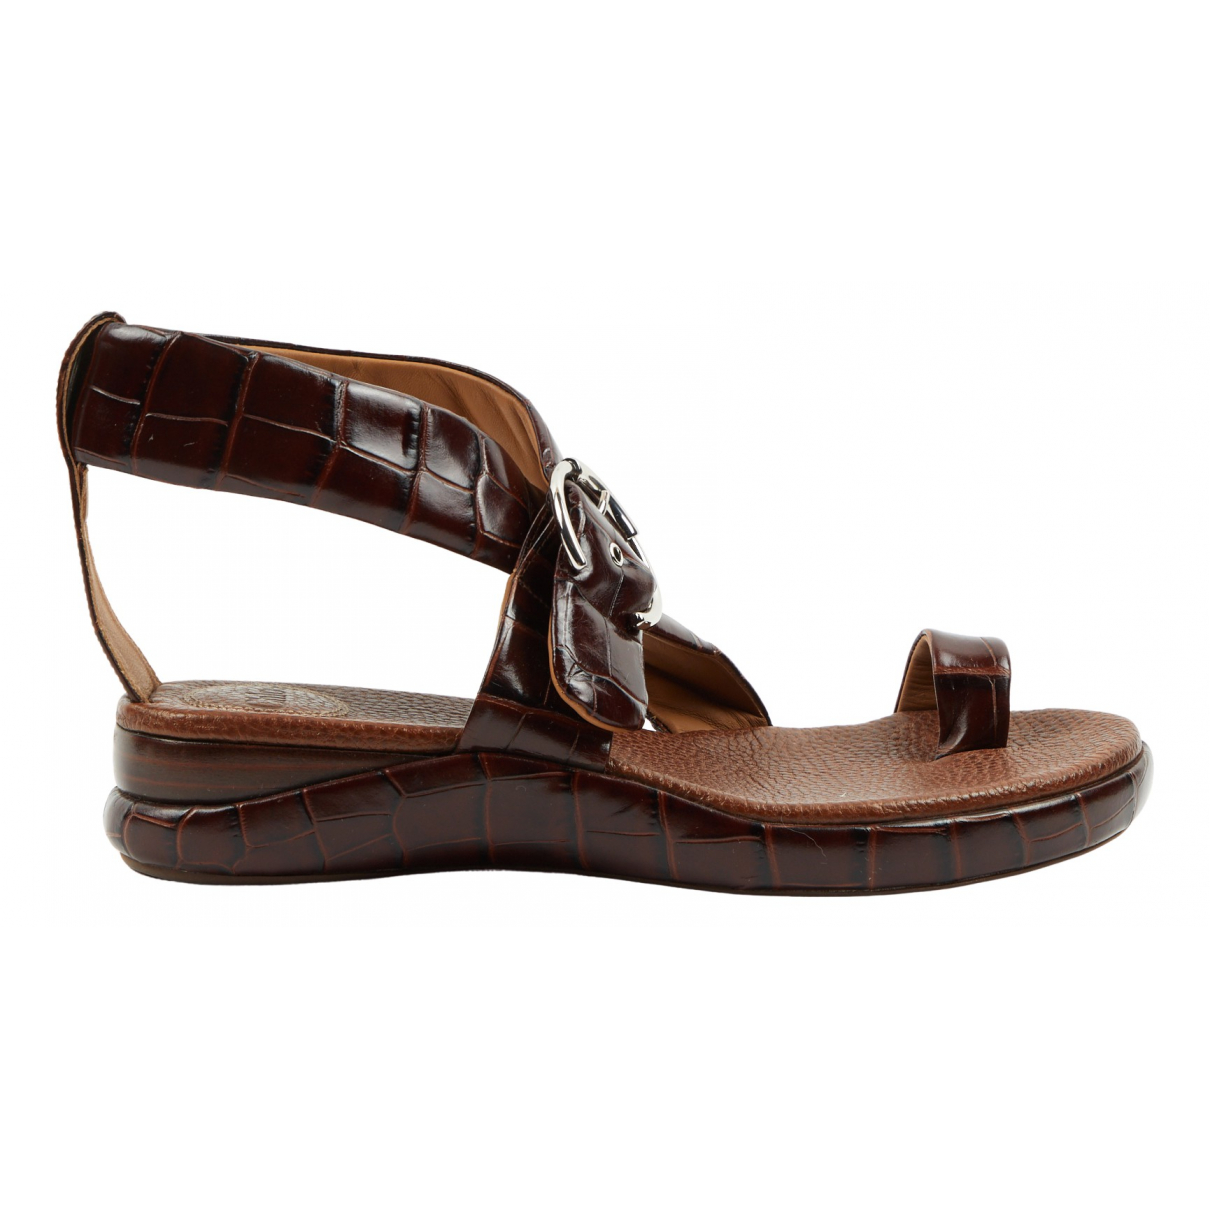 Chloe - Sandales   pour femme en cuir - marron